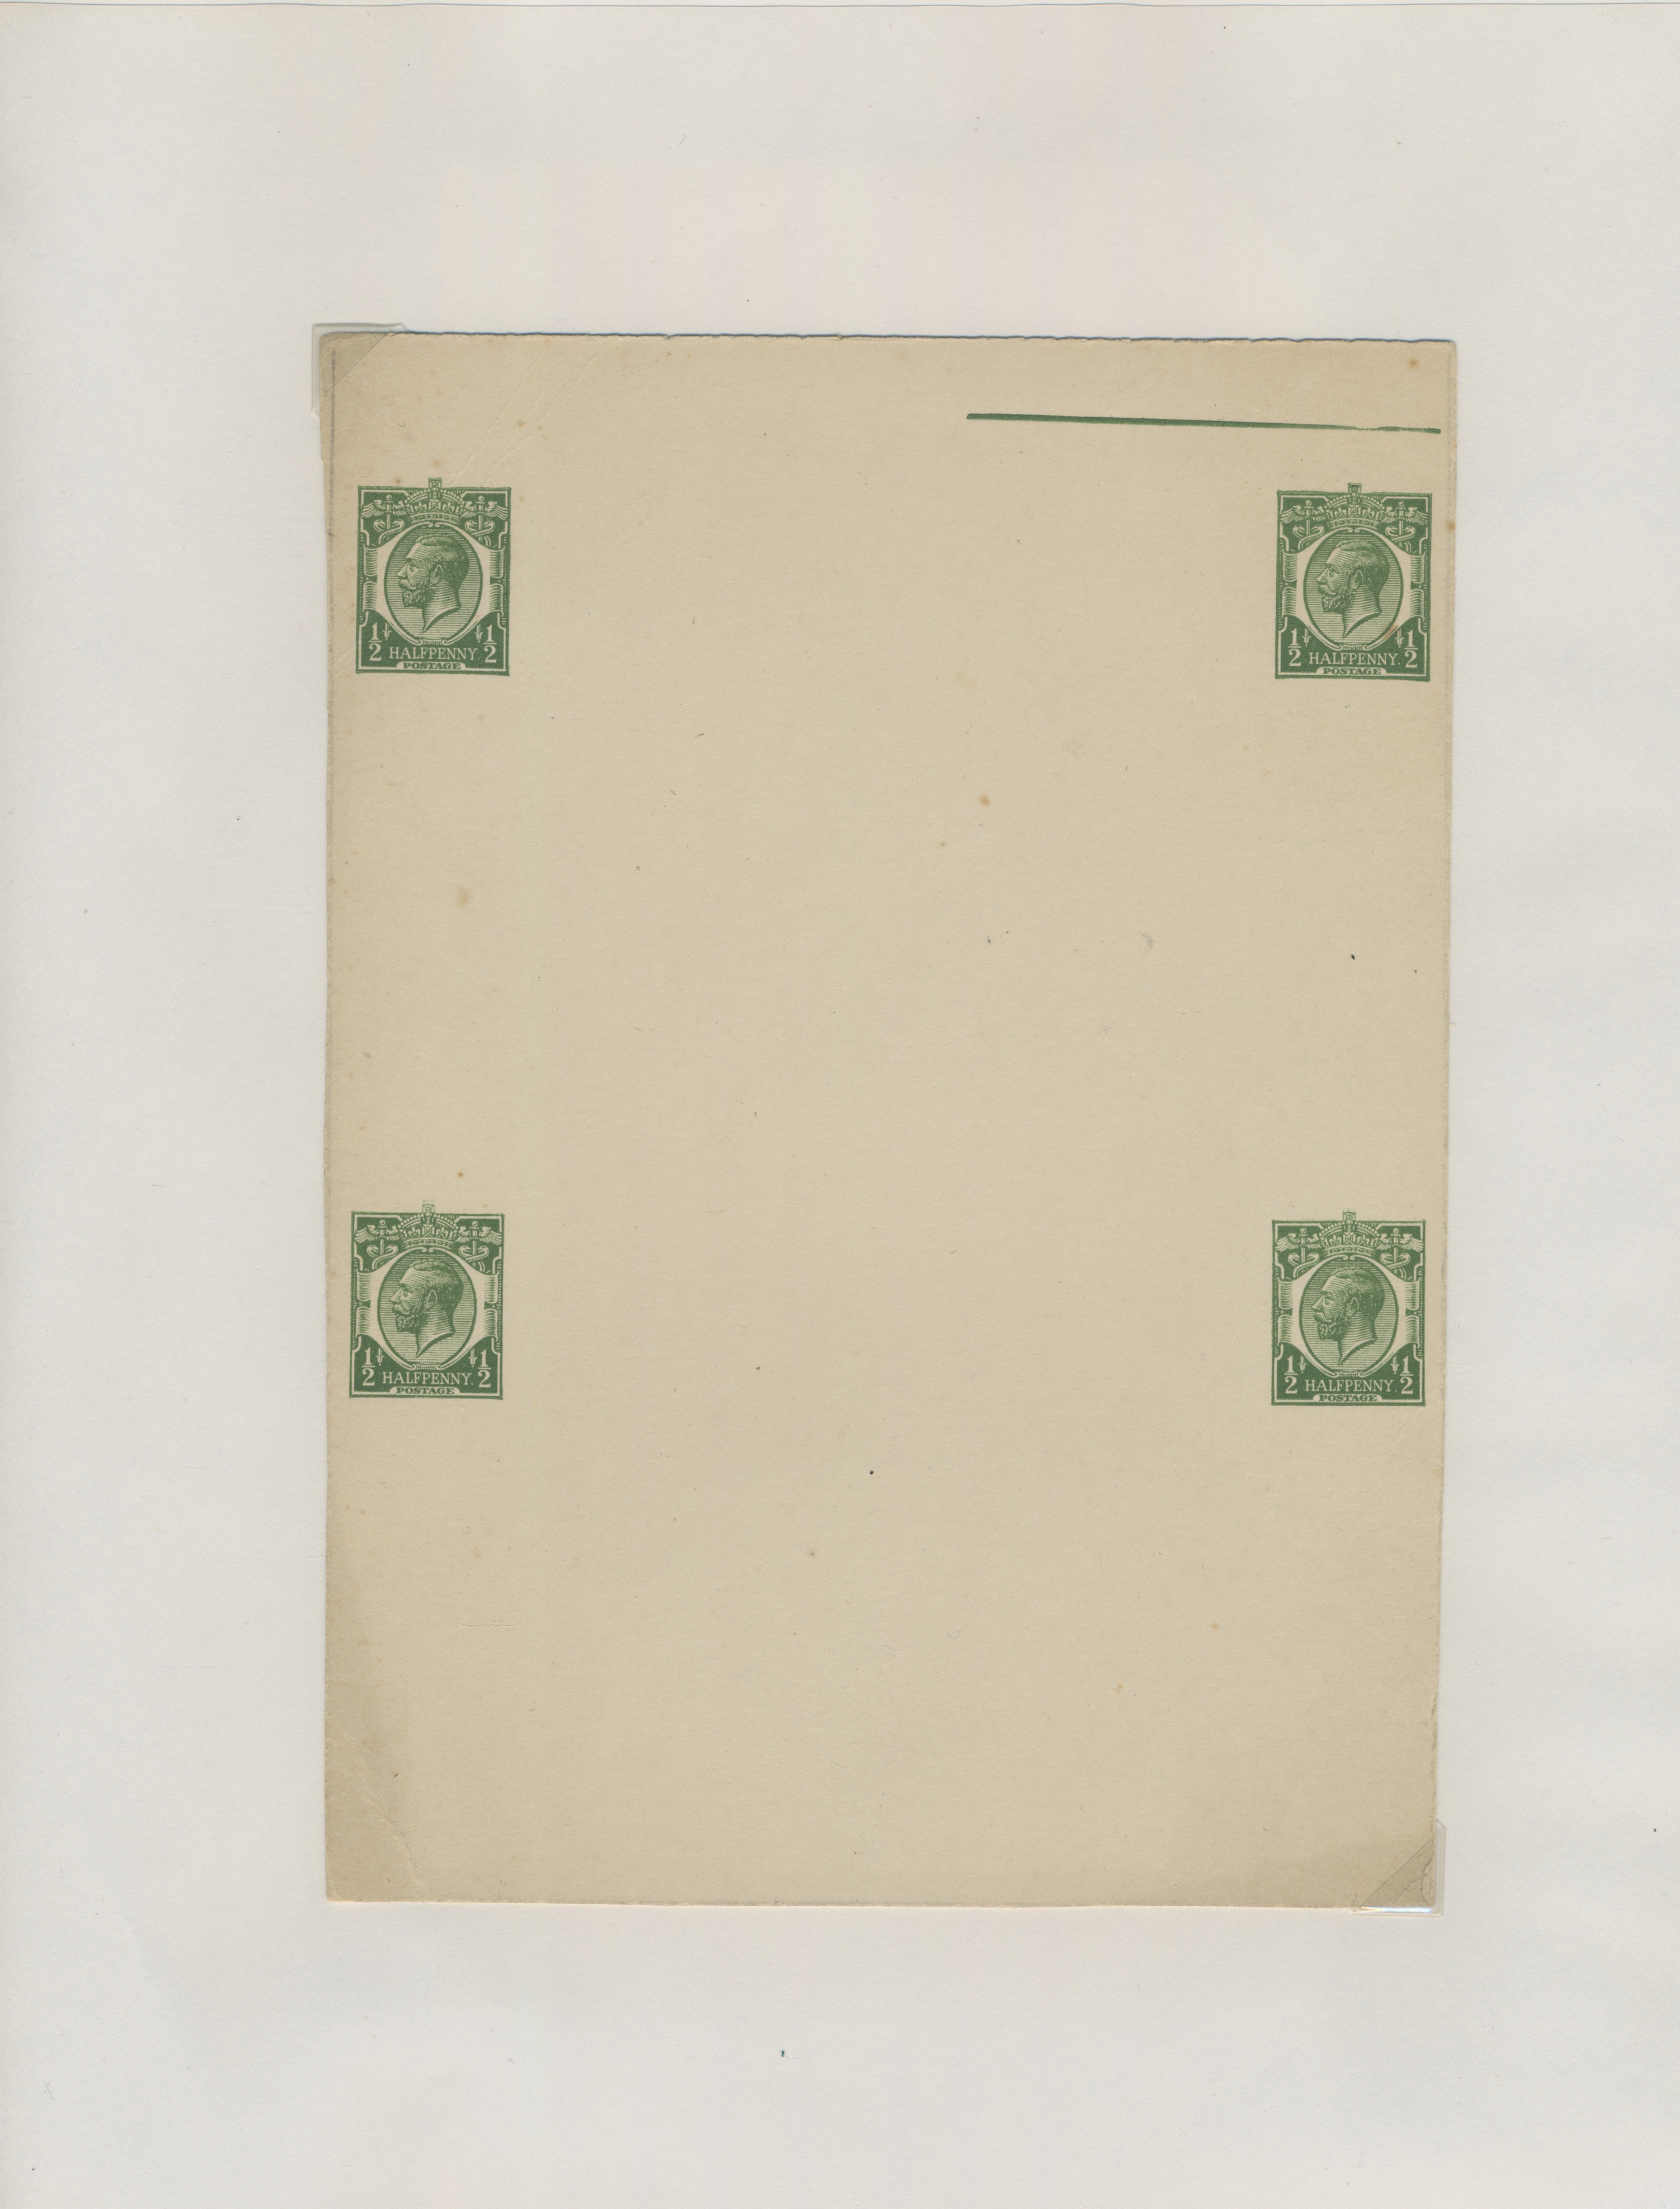 Lot 38409 - Großbritannien - Ganzsachen  -  Auktionshaus Christoph Gärtner GmbH & Co. KG Sale #43 Collection Peter Zgonc - German Occupations WWII | Day 7